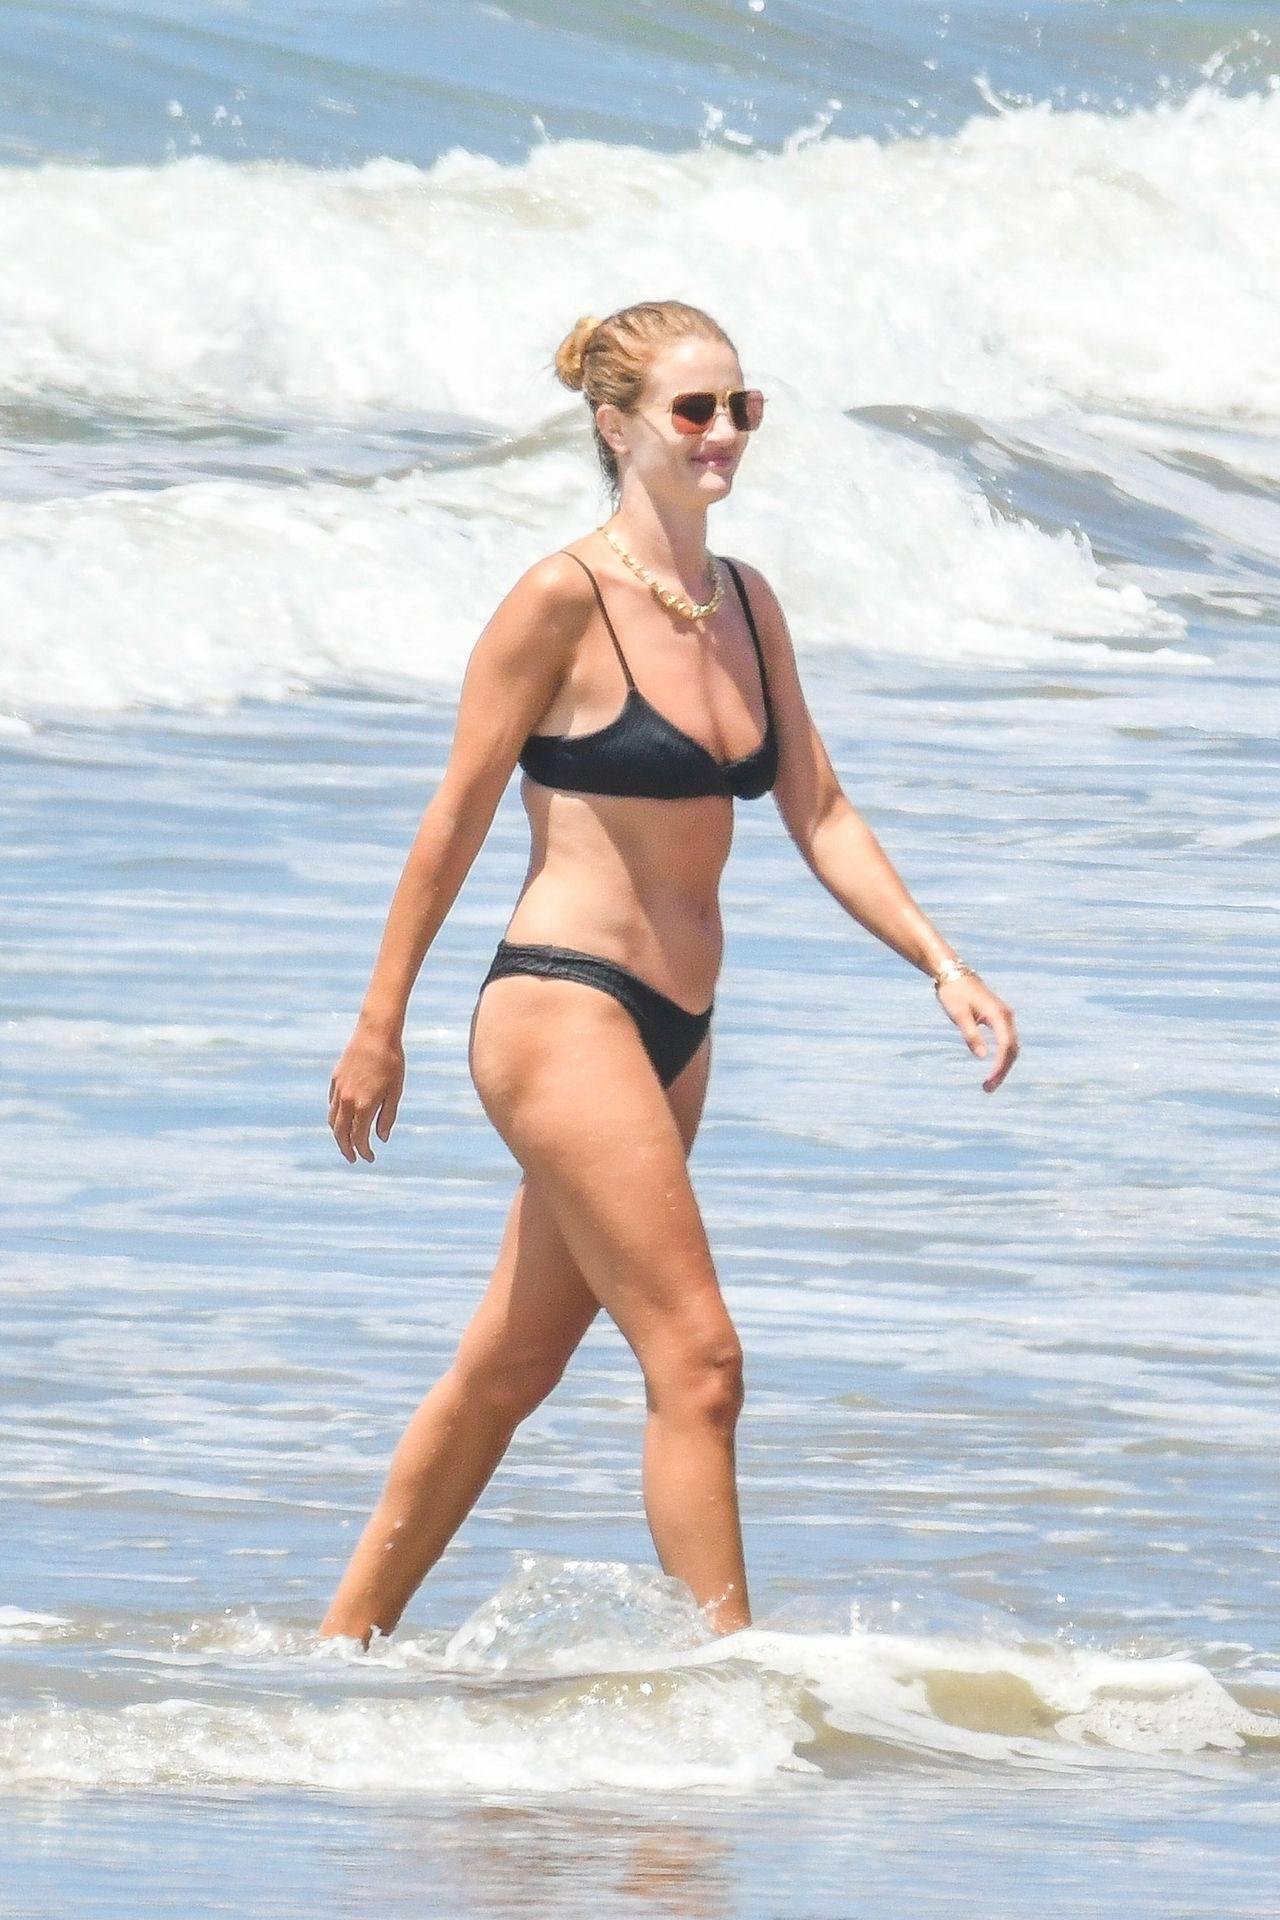 Rosie Huntington Whiteley – Beautiful Ass In Thong Bikini In Malibu 0006